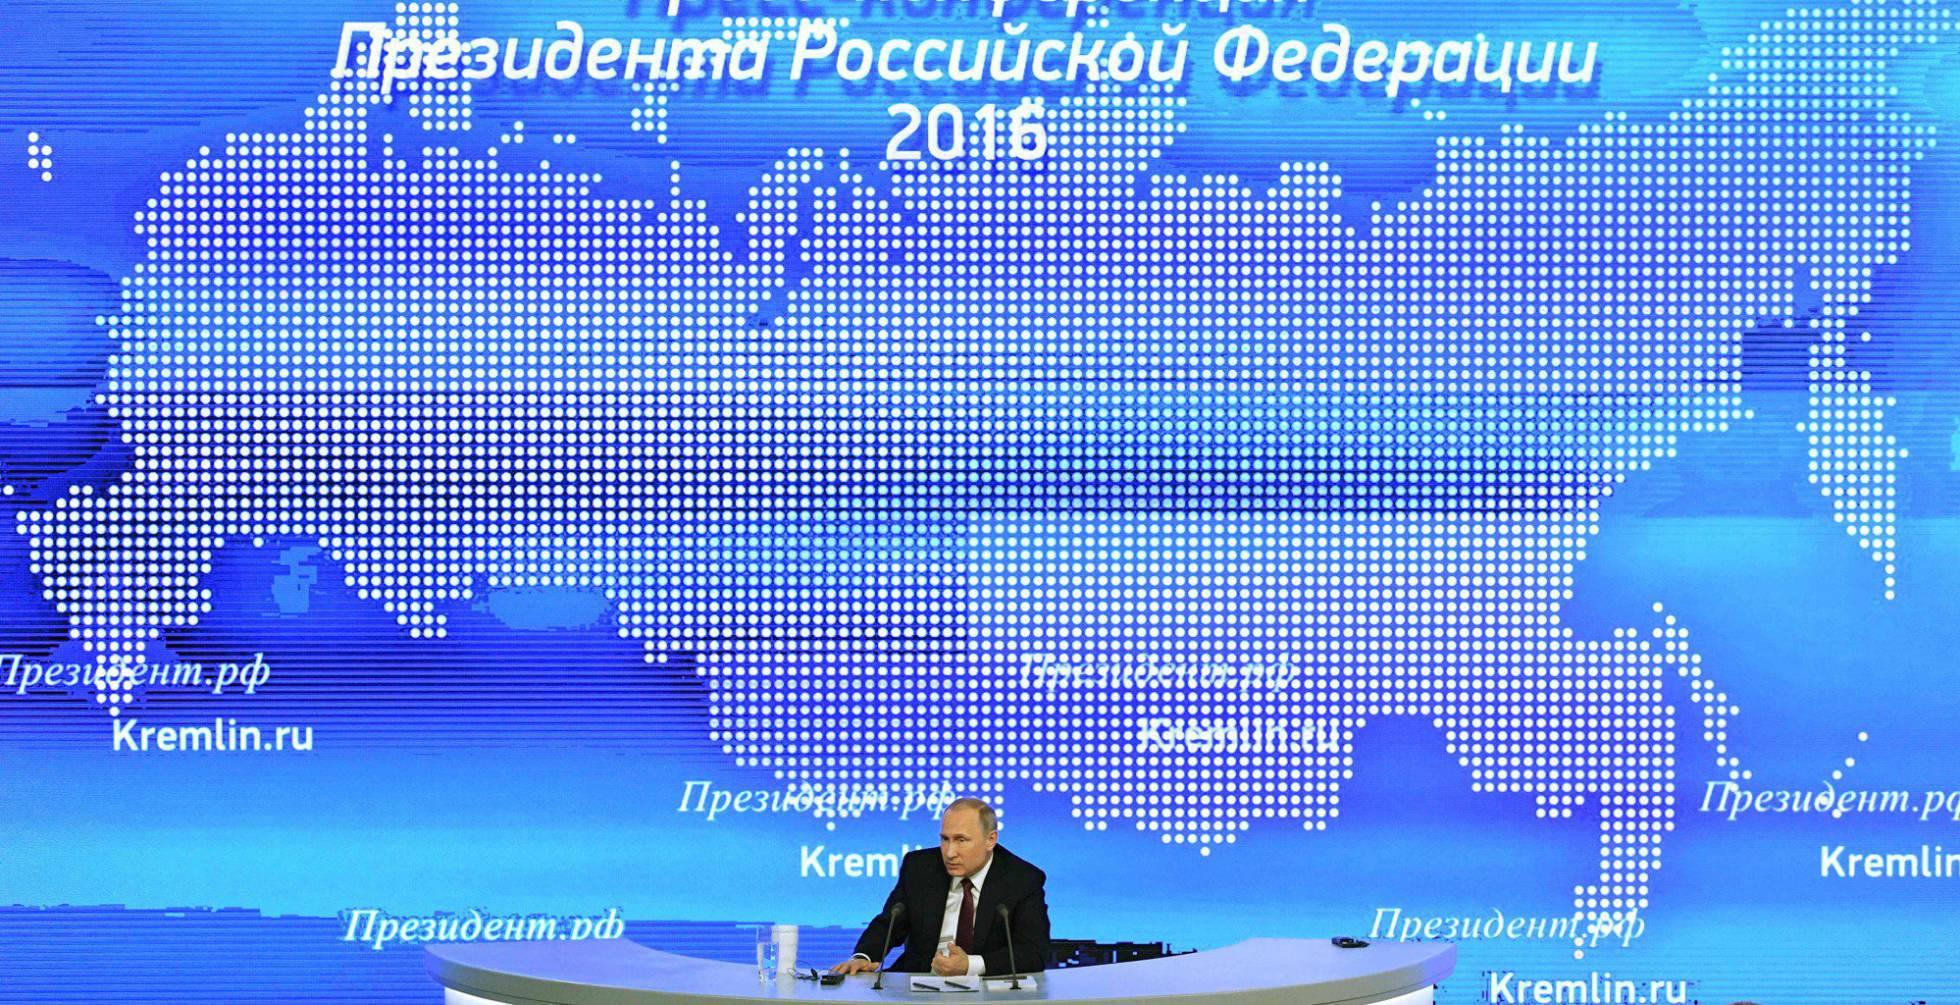 Relaciones bilaterales Estados Unidos - Rusia 1482507226_694931_1482507492_noticia_normal_recorte1